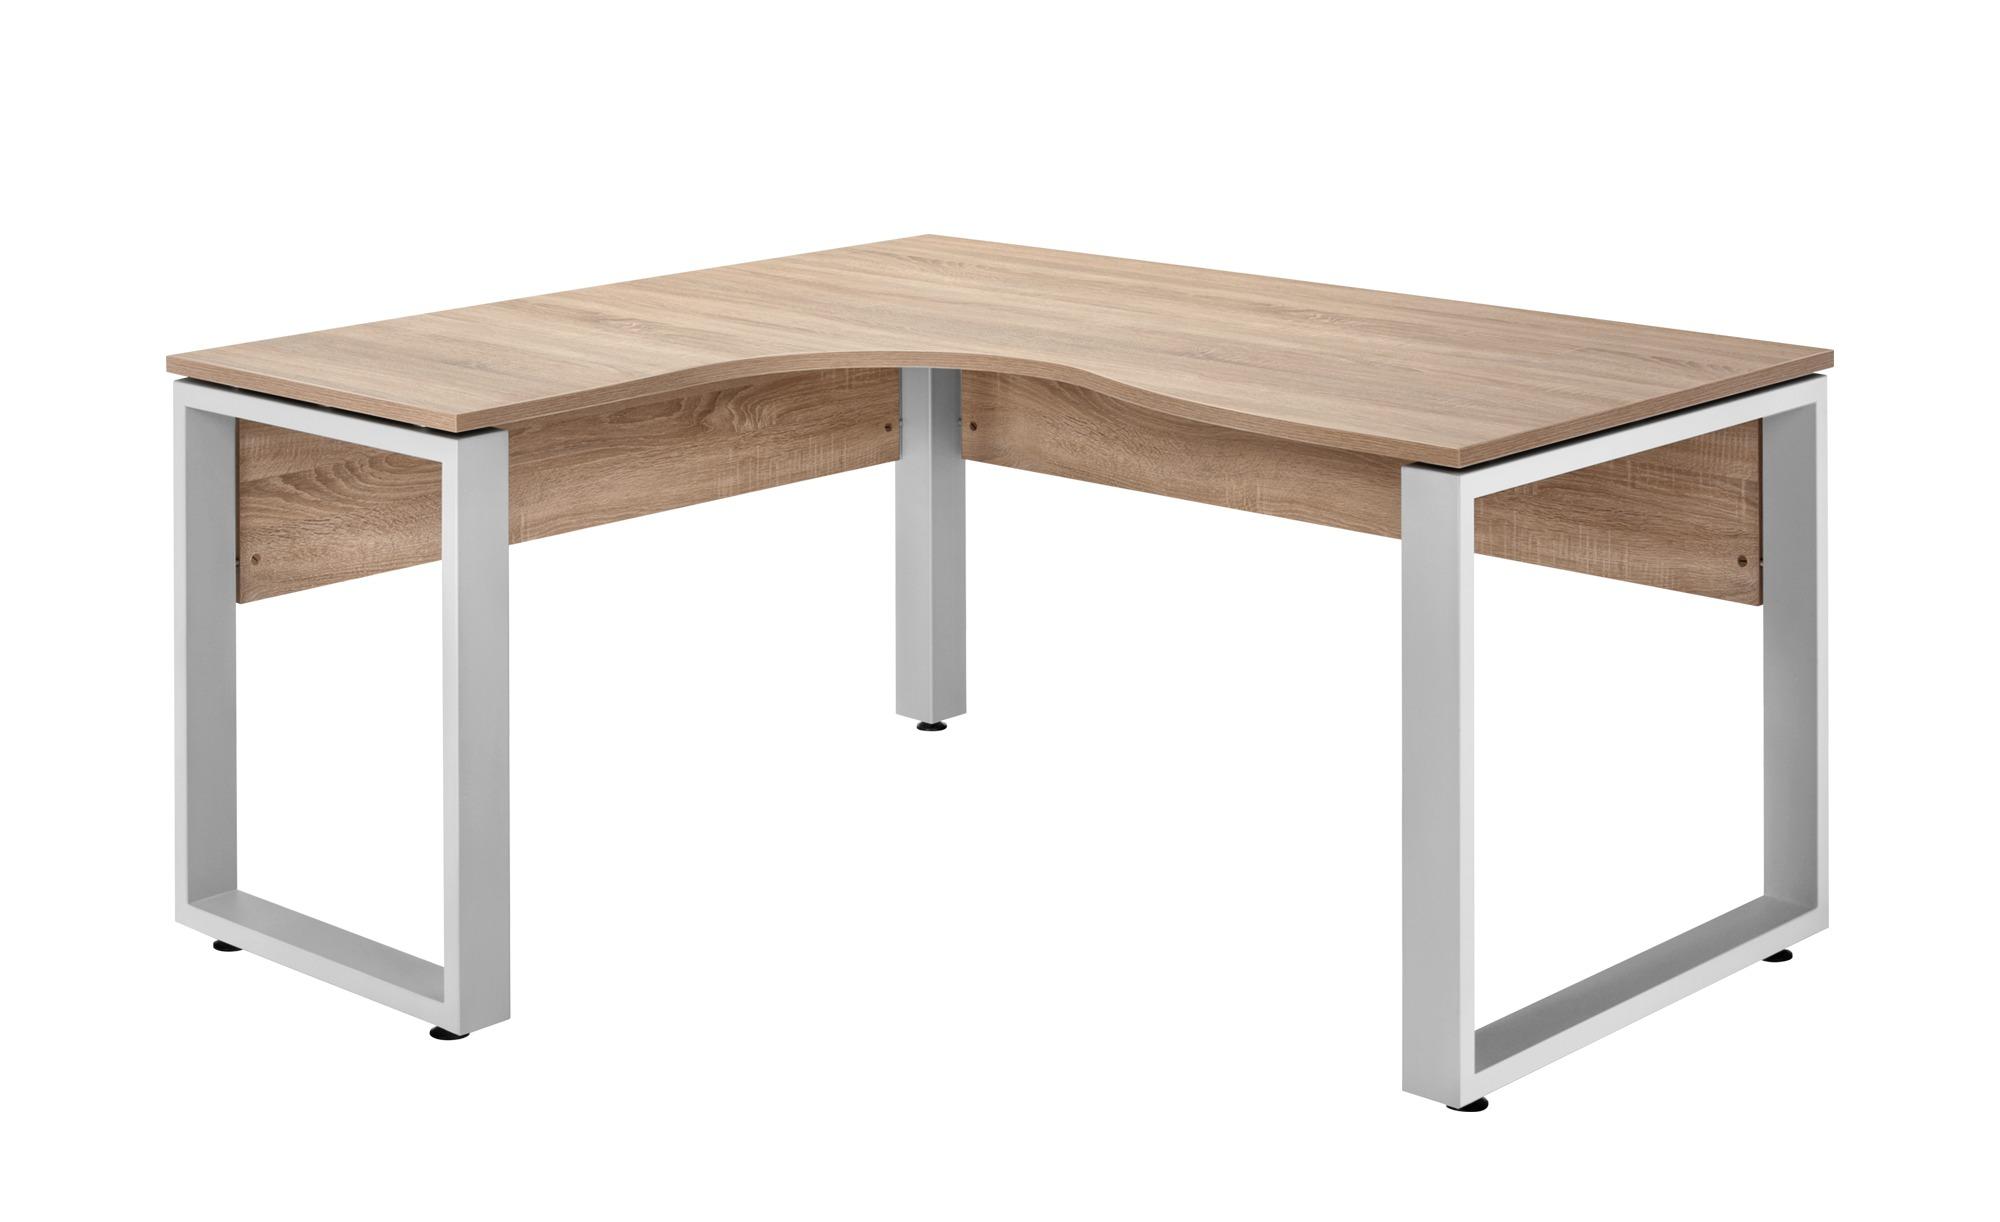 Schreibtisch 140x160 cm - holzfarben - 160 cm - 75 cm - 140 cm - Tische > Bürotische - Möbel Kraft | Büro > Bürotische > Schreibtische | Holzfarben | Sconto